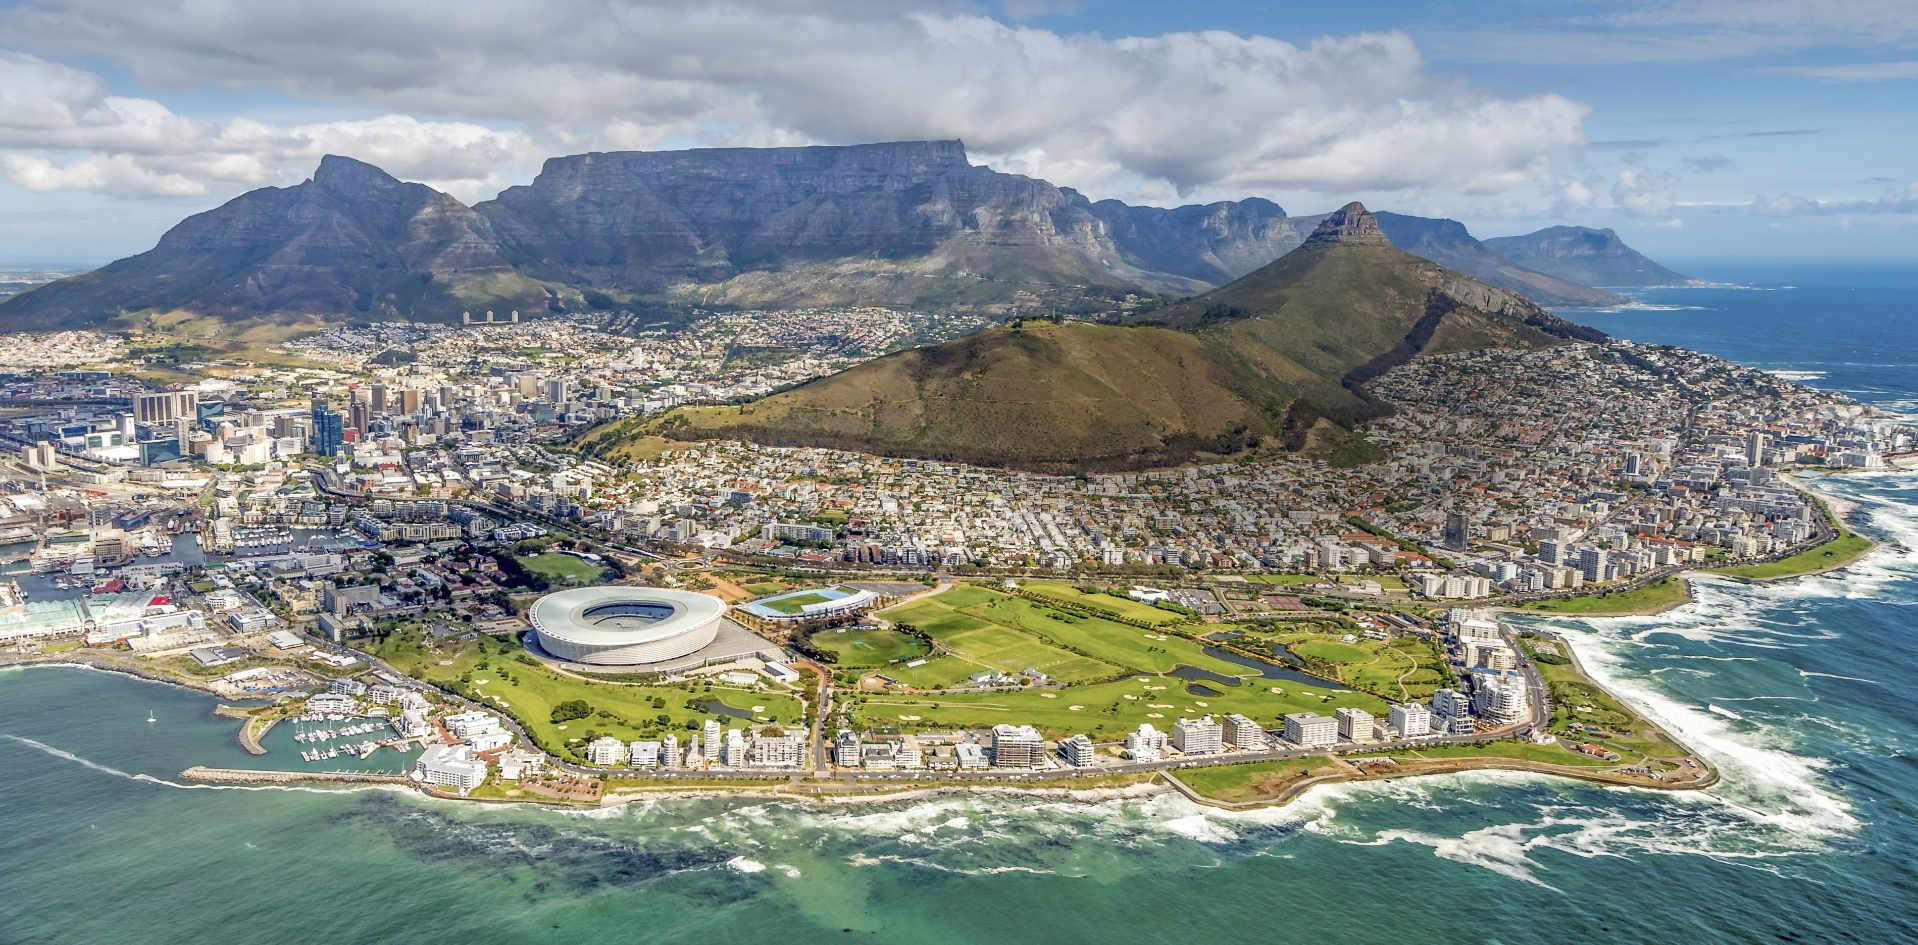 معرفی بهترین جاهای دیدنی آفریقا جنوبی